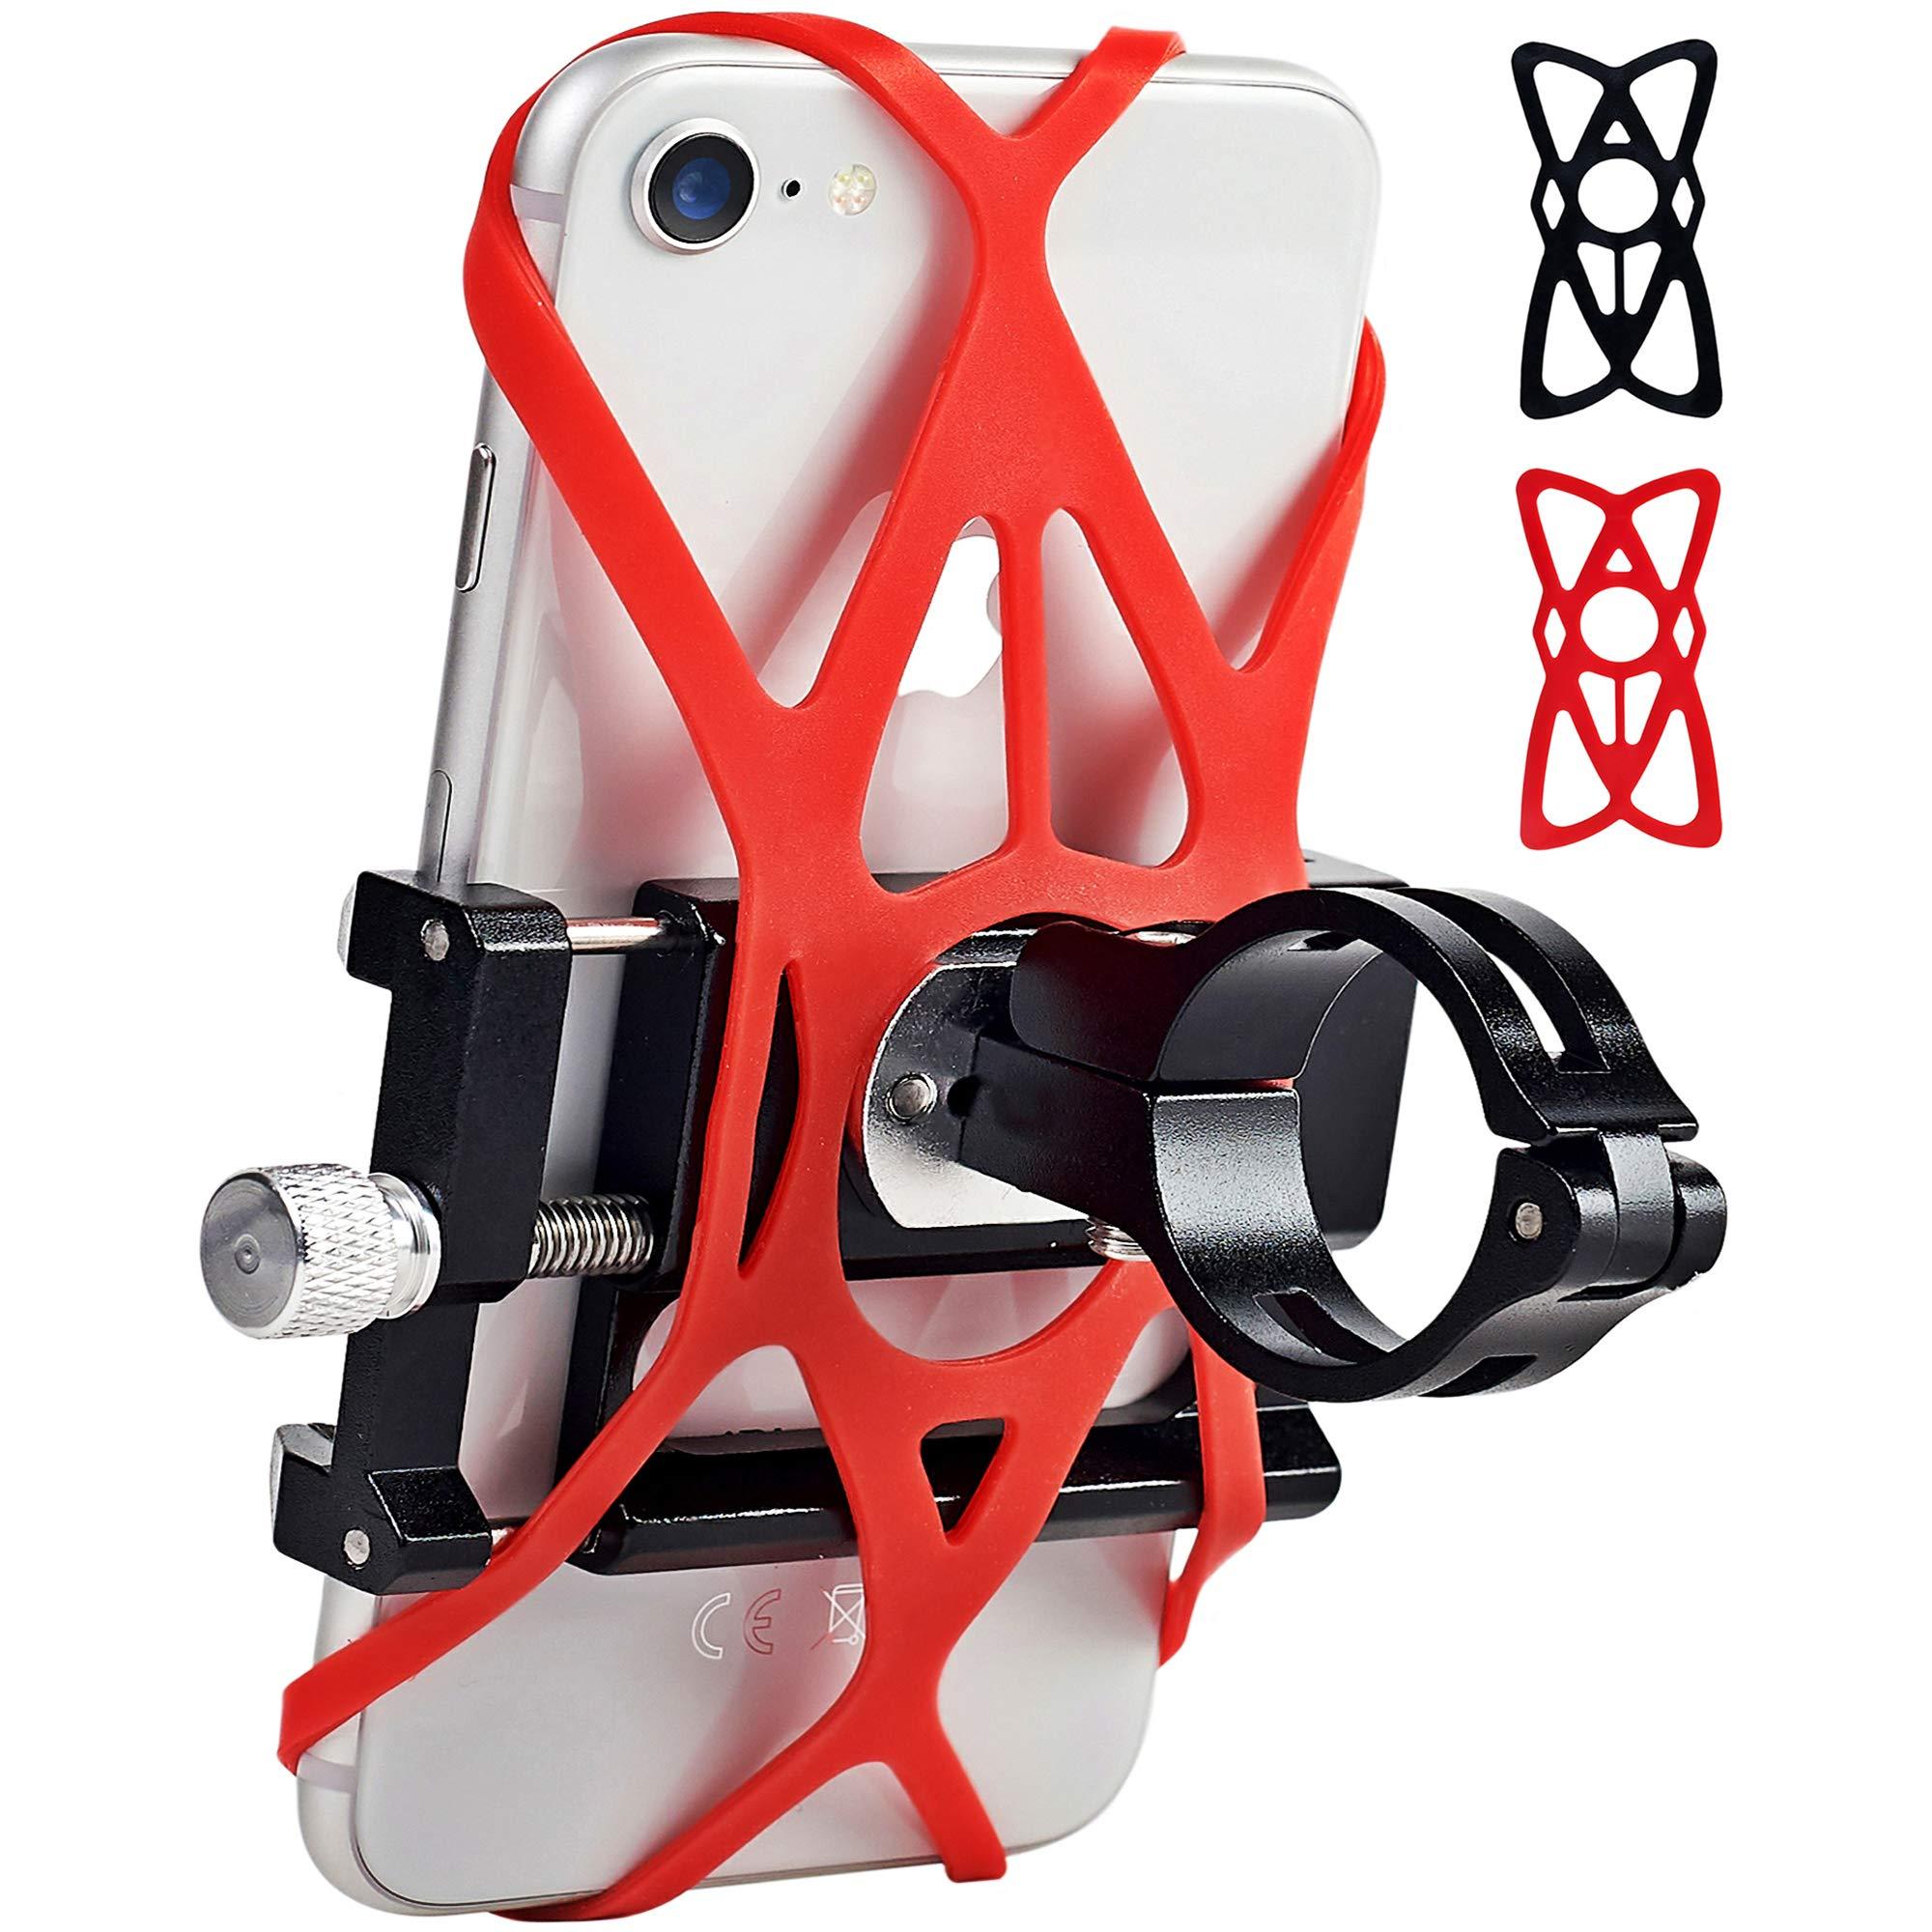 Motorcycle Adjustable Handlebars Compatible Smartphones